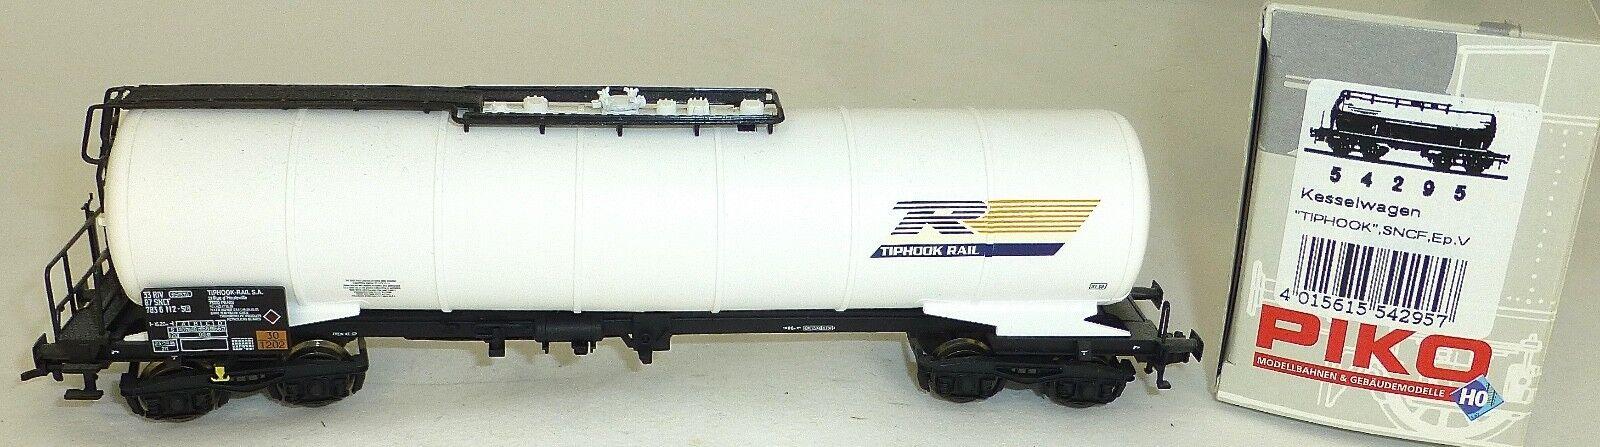 SNCF Tiphook Vagone Cisterna Epv Piko 54295 H0 1:87 Conf. Orig. Å